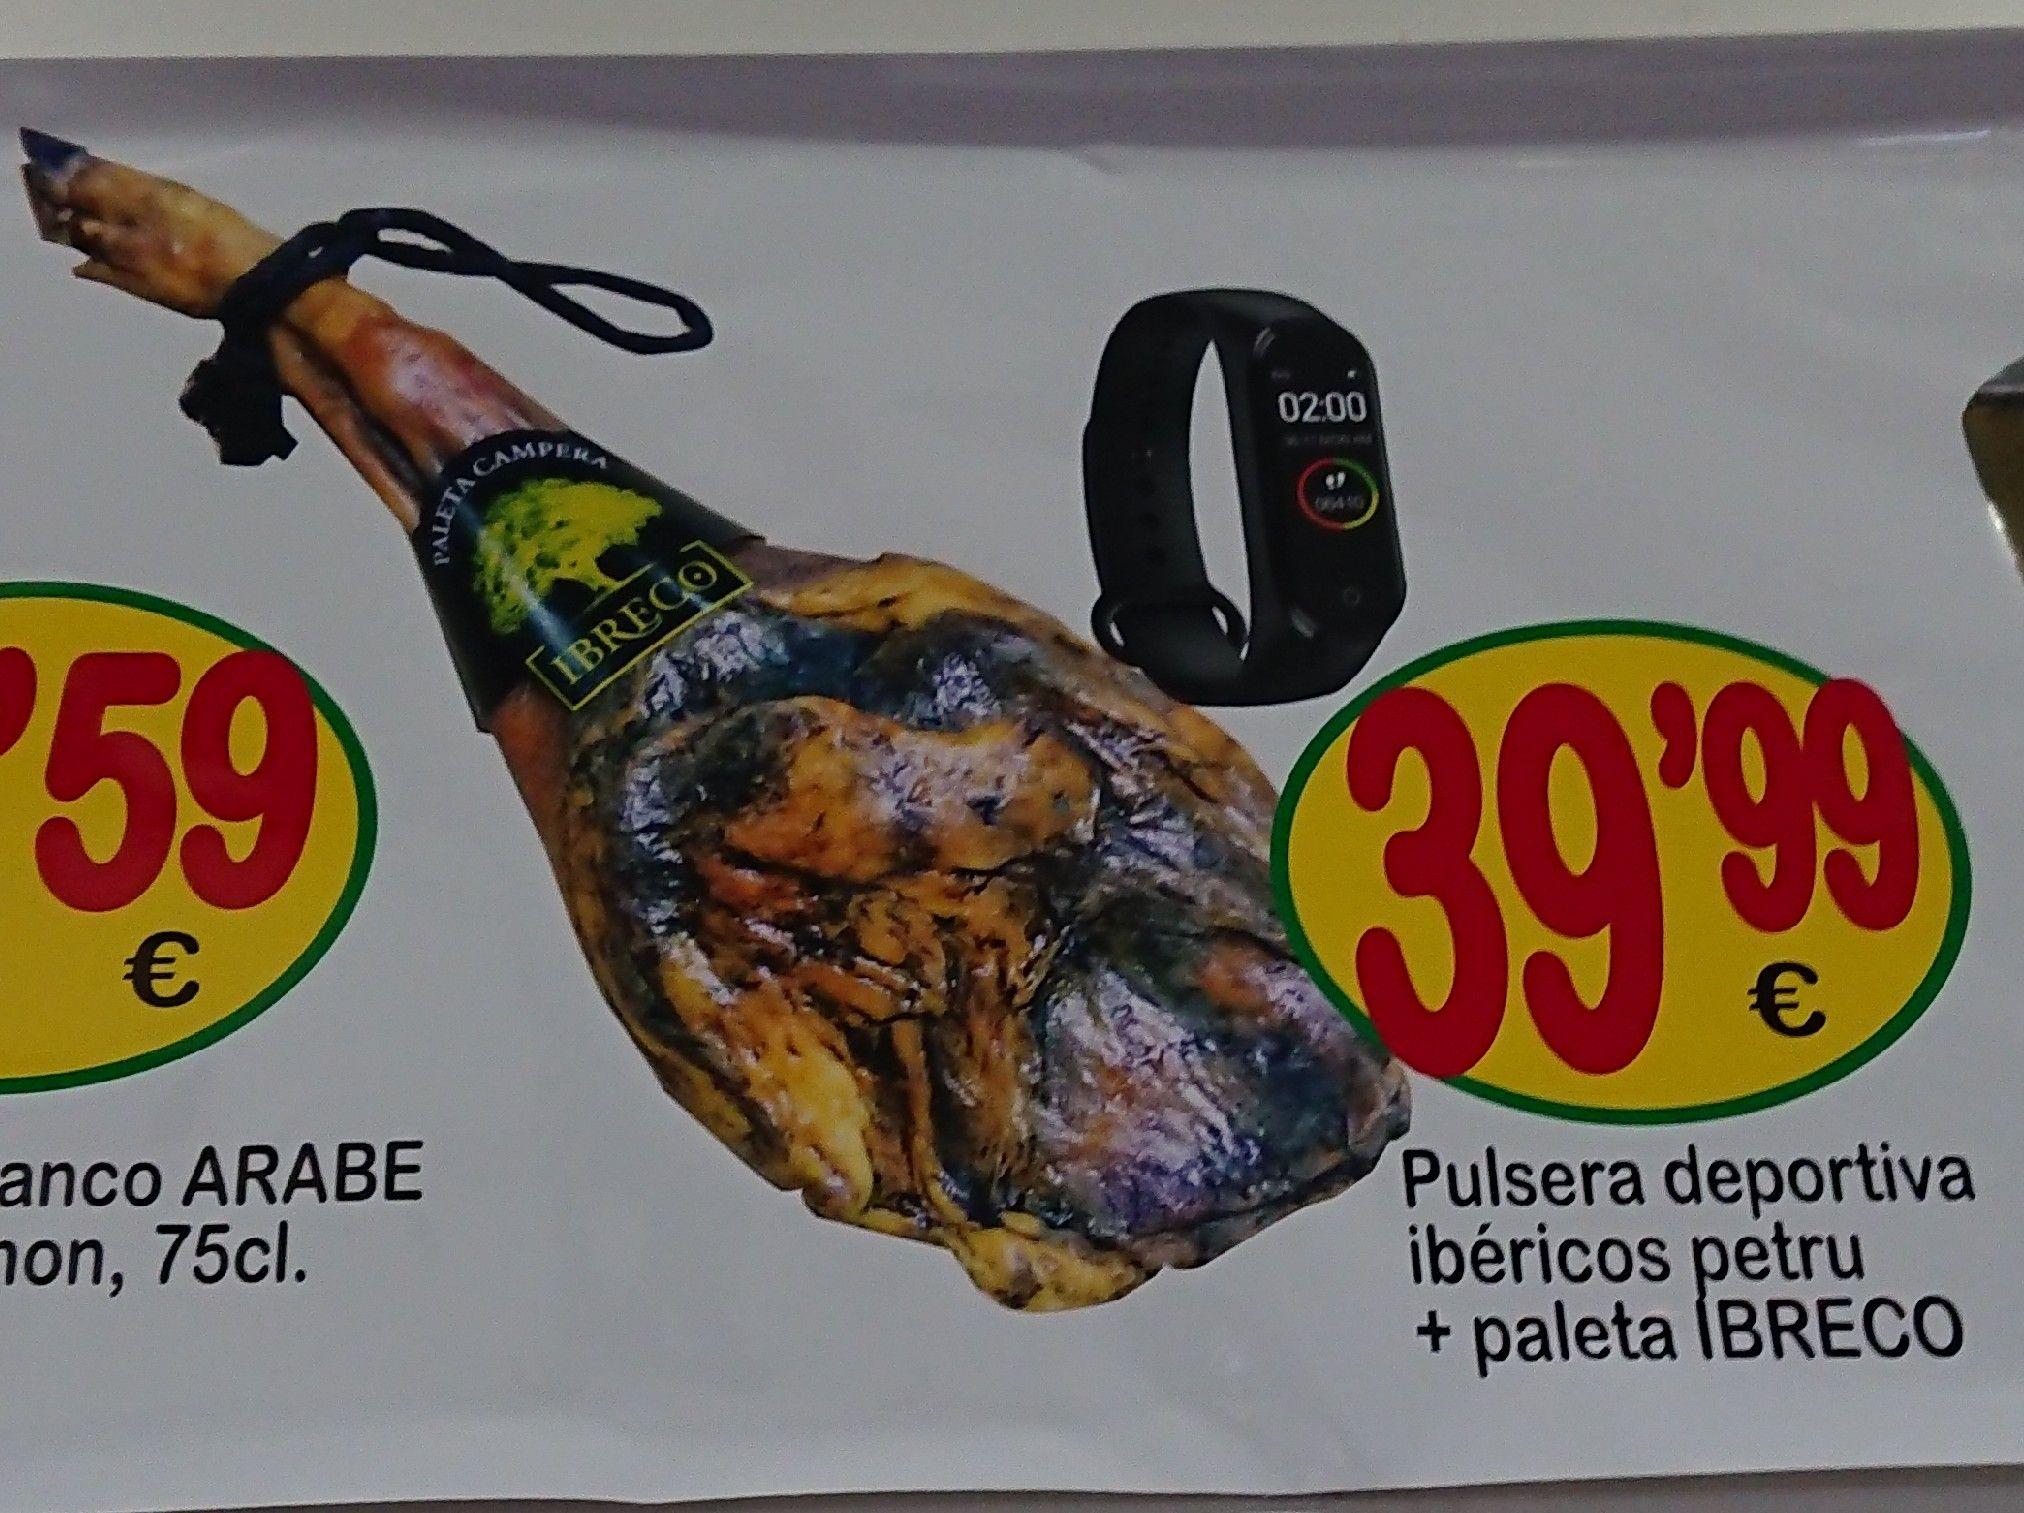 Pulsera deportiva ibéricos petru + paleta IBRECO por 39,99 €